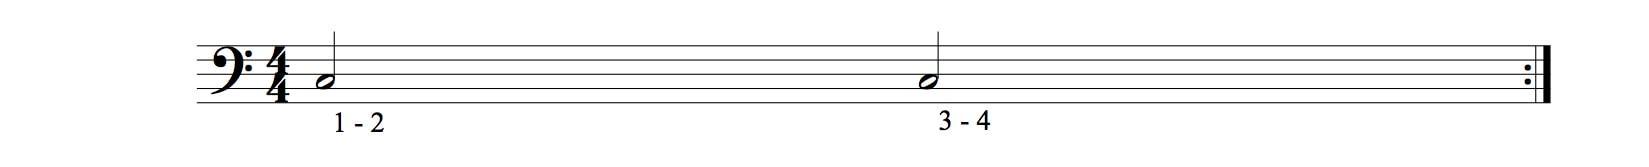 valeurs rythmiques la blanche